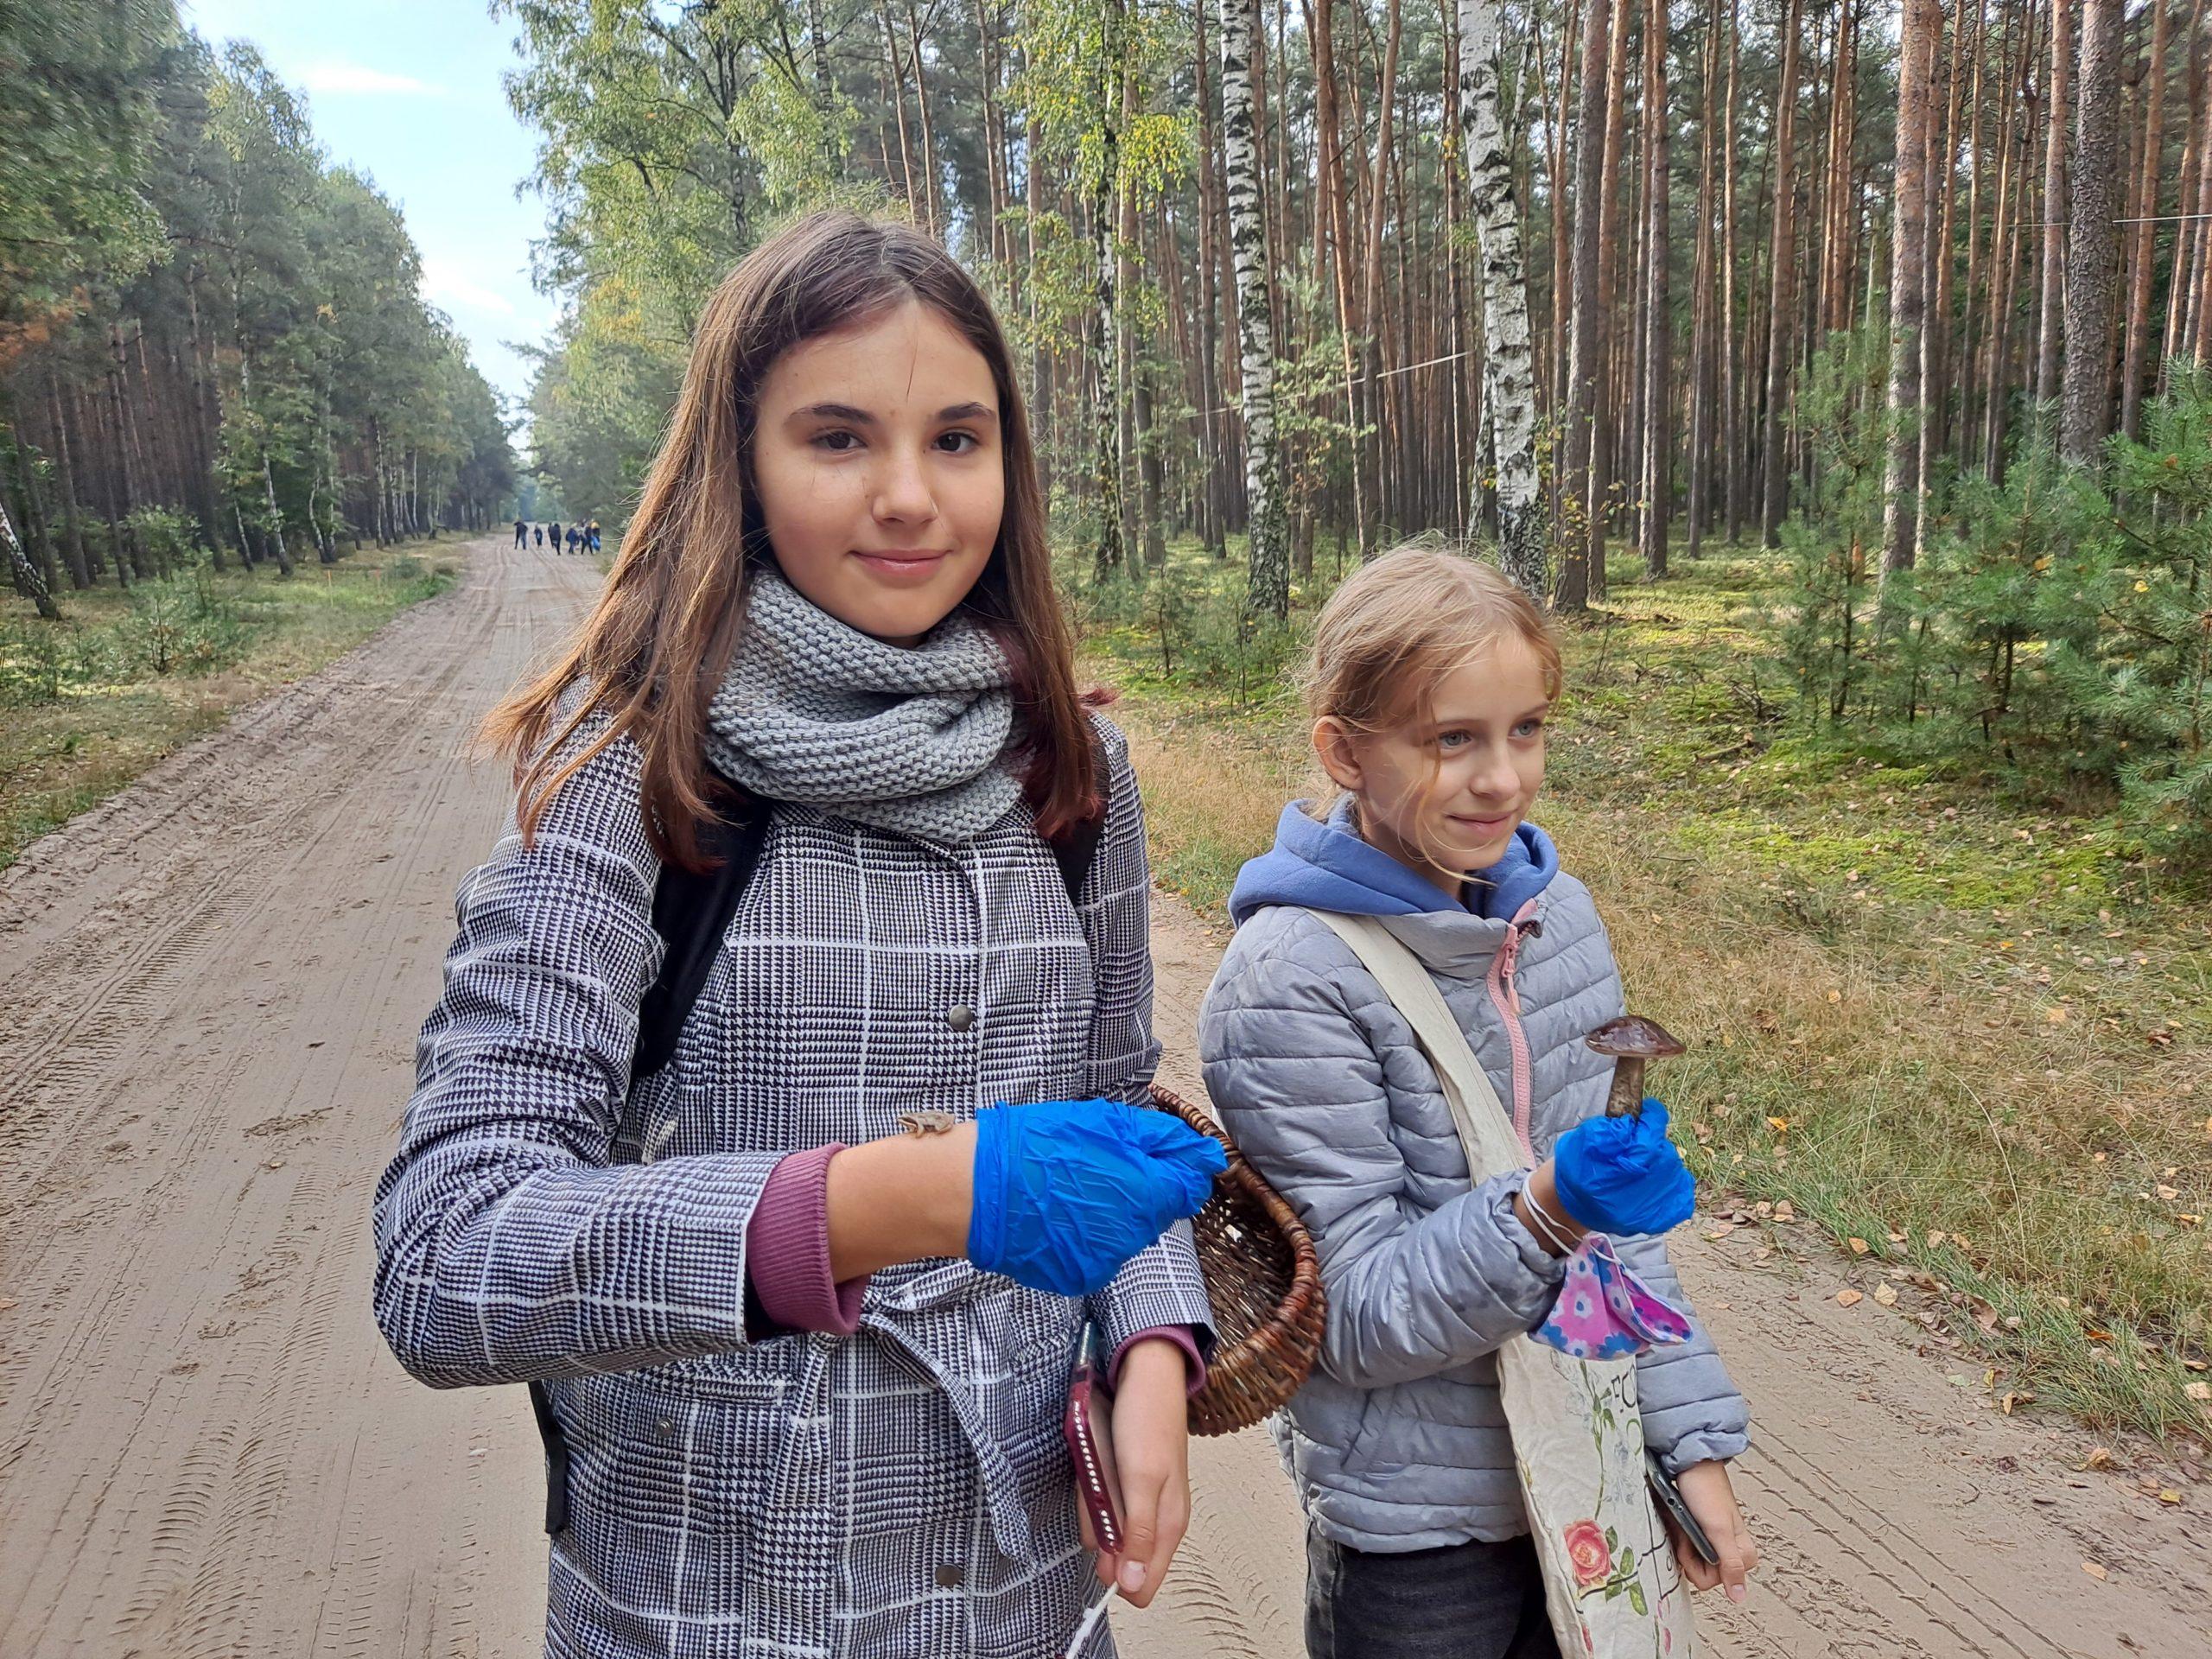 Projekt ekologiczny – Czas na grzybobranie